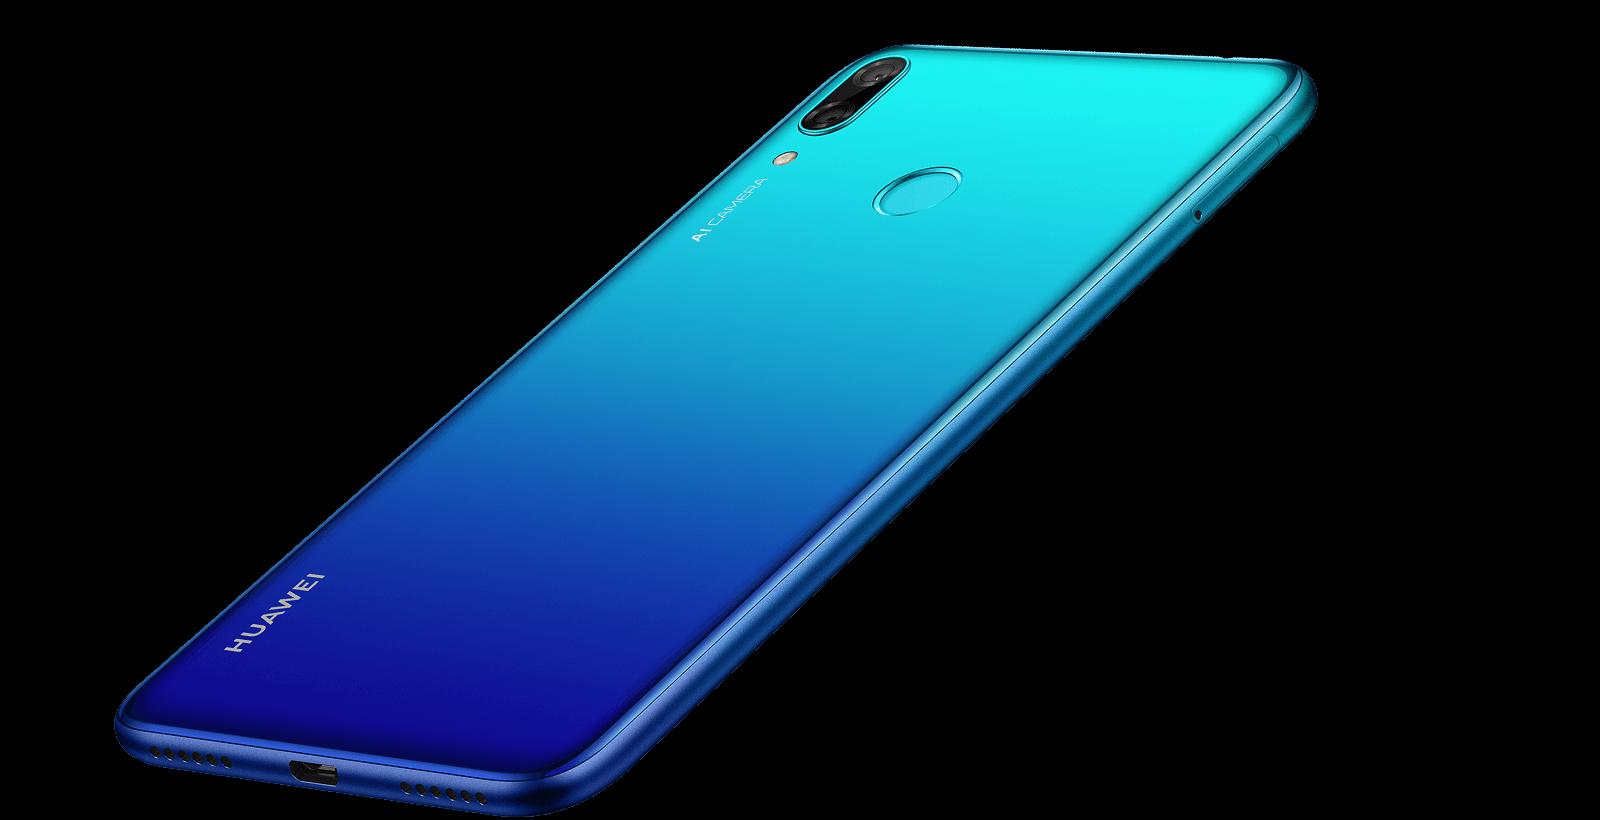 HUAWEI-Y7-2019-design-blue